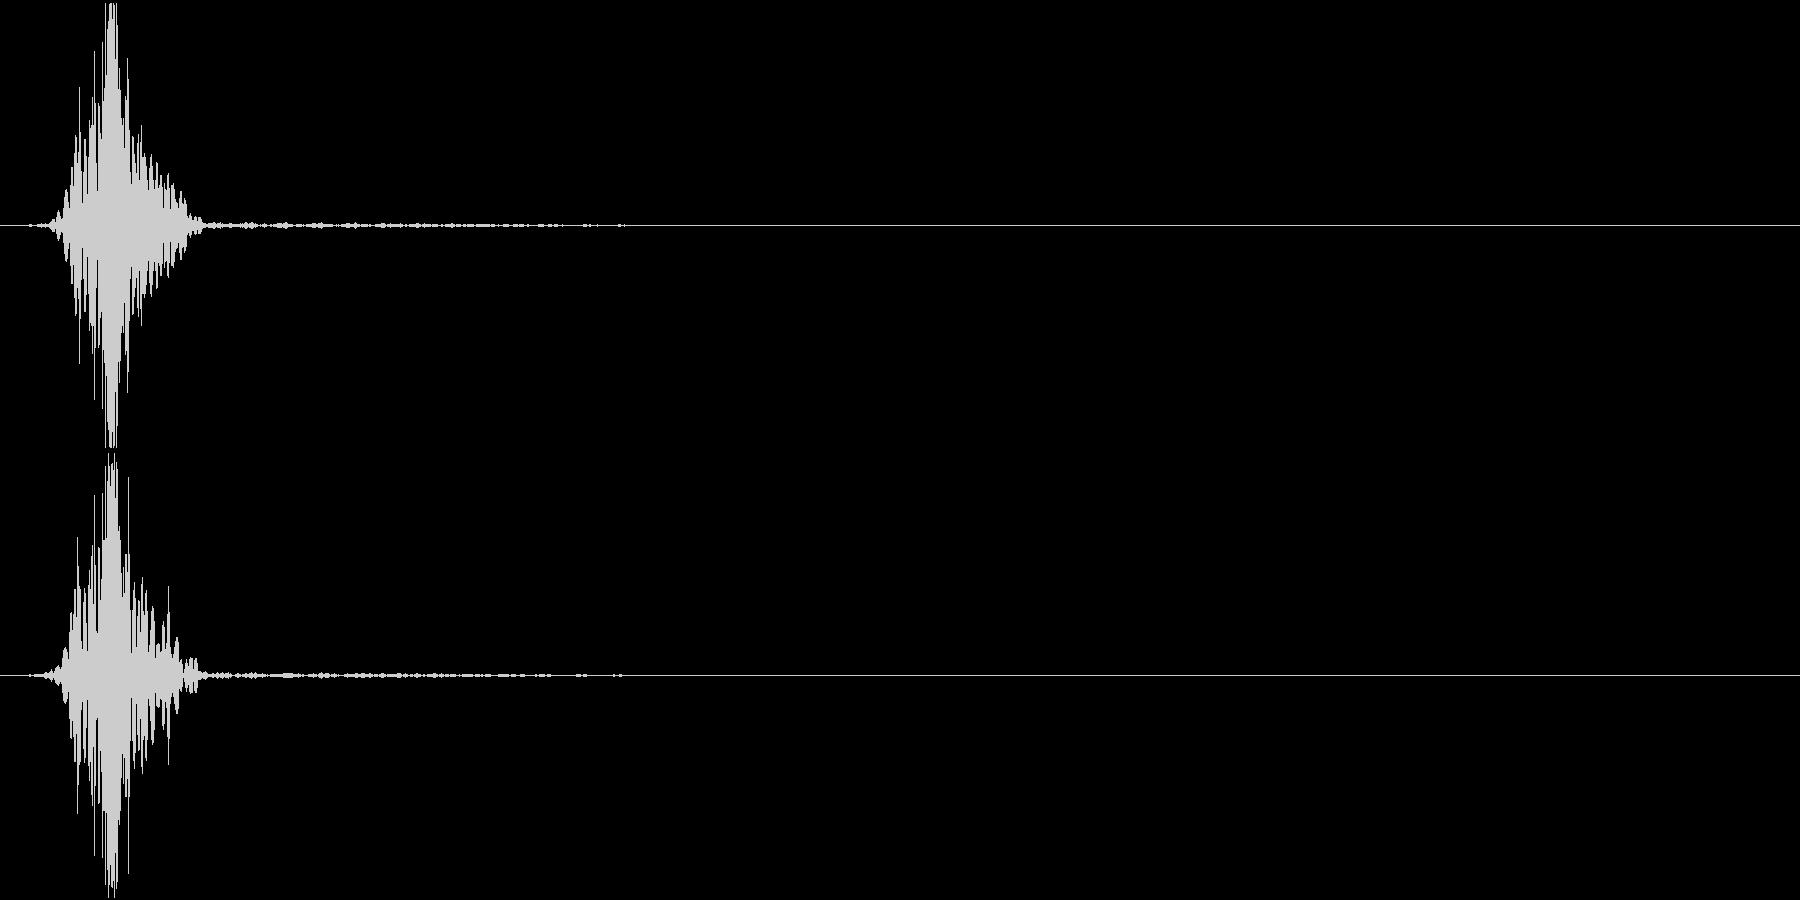 KAKUGE 格闘ゲーム戦闘音 19の未再生の波形